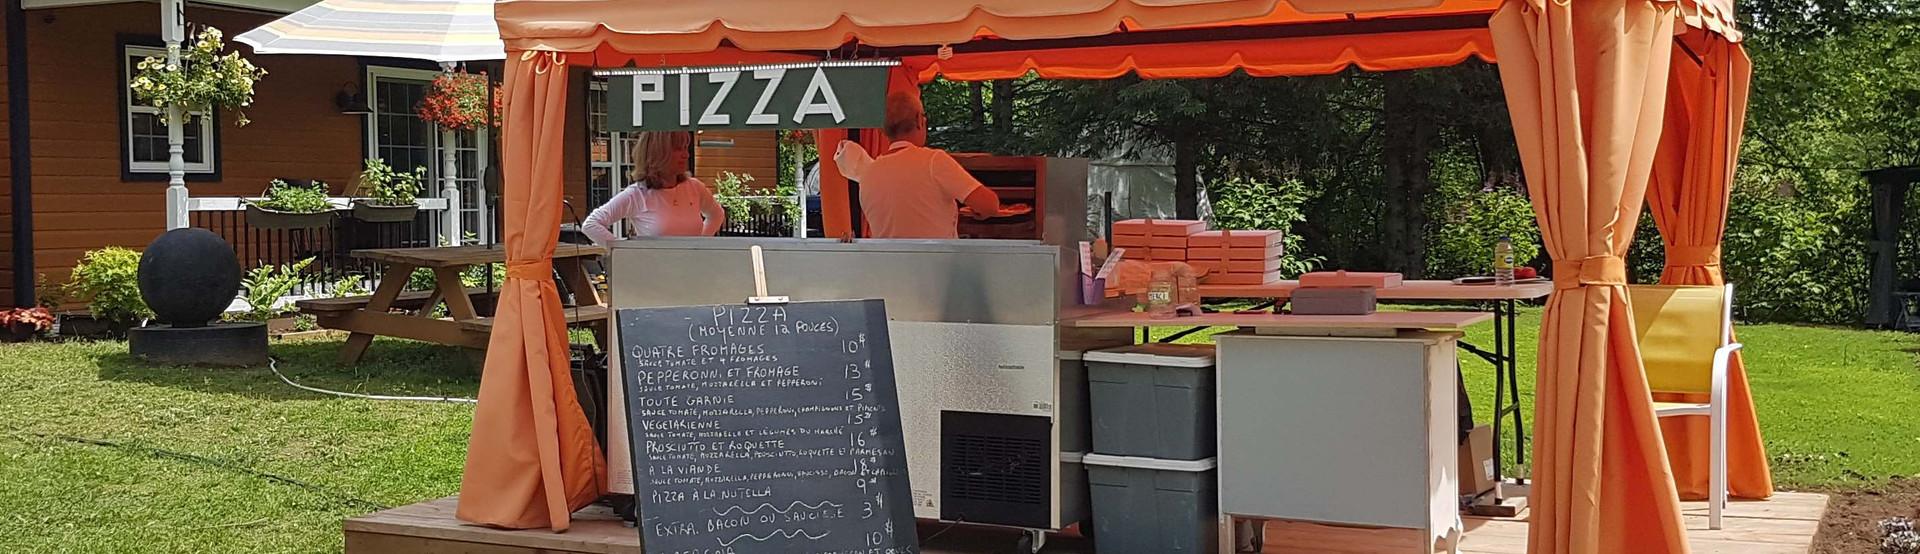 pizzaaccueil.jpg